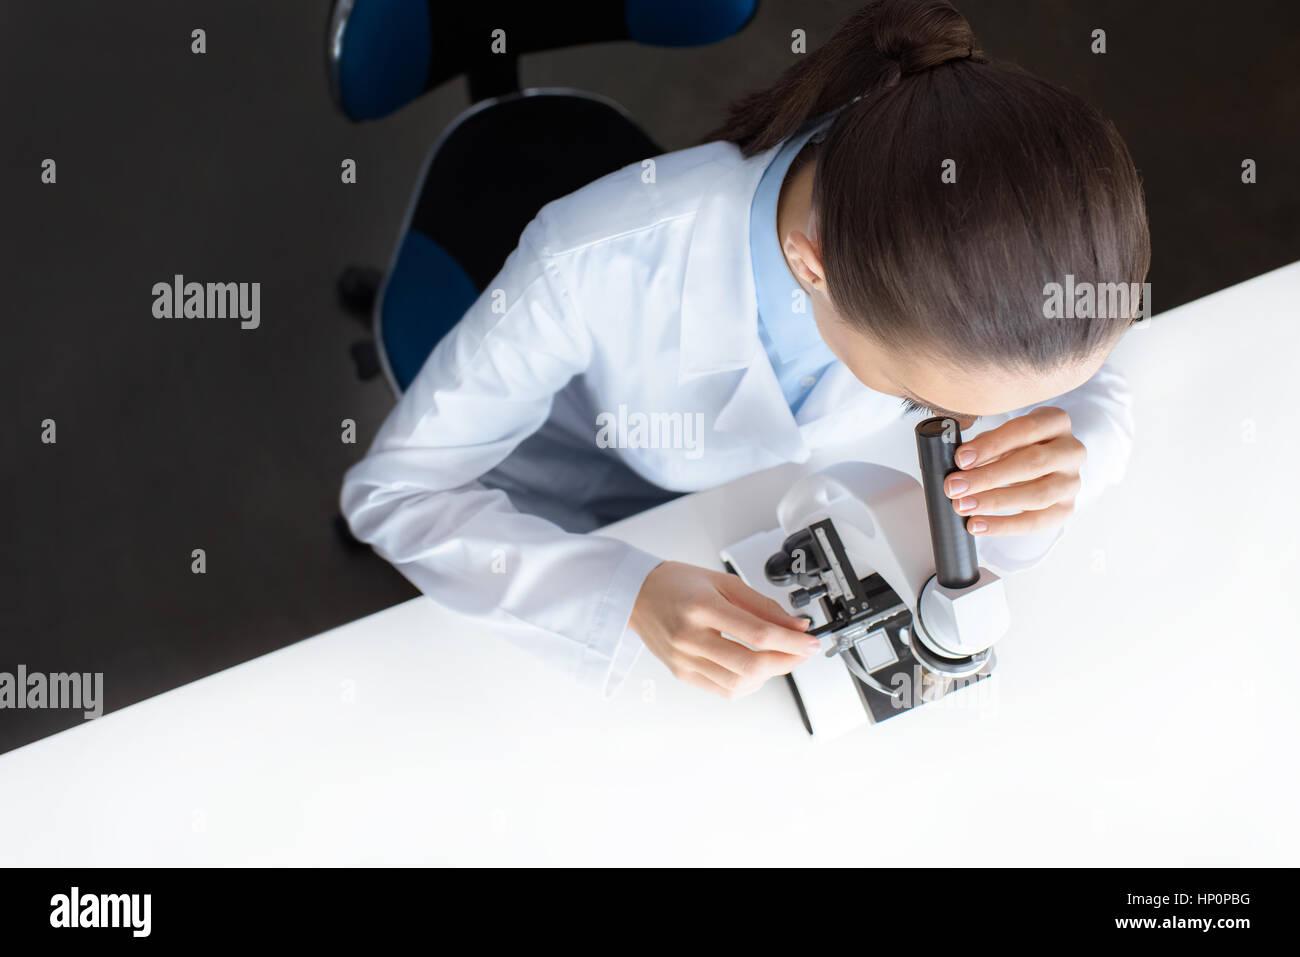 Científico que trabaja con microscopio en laboratorio Imagen De Stock